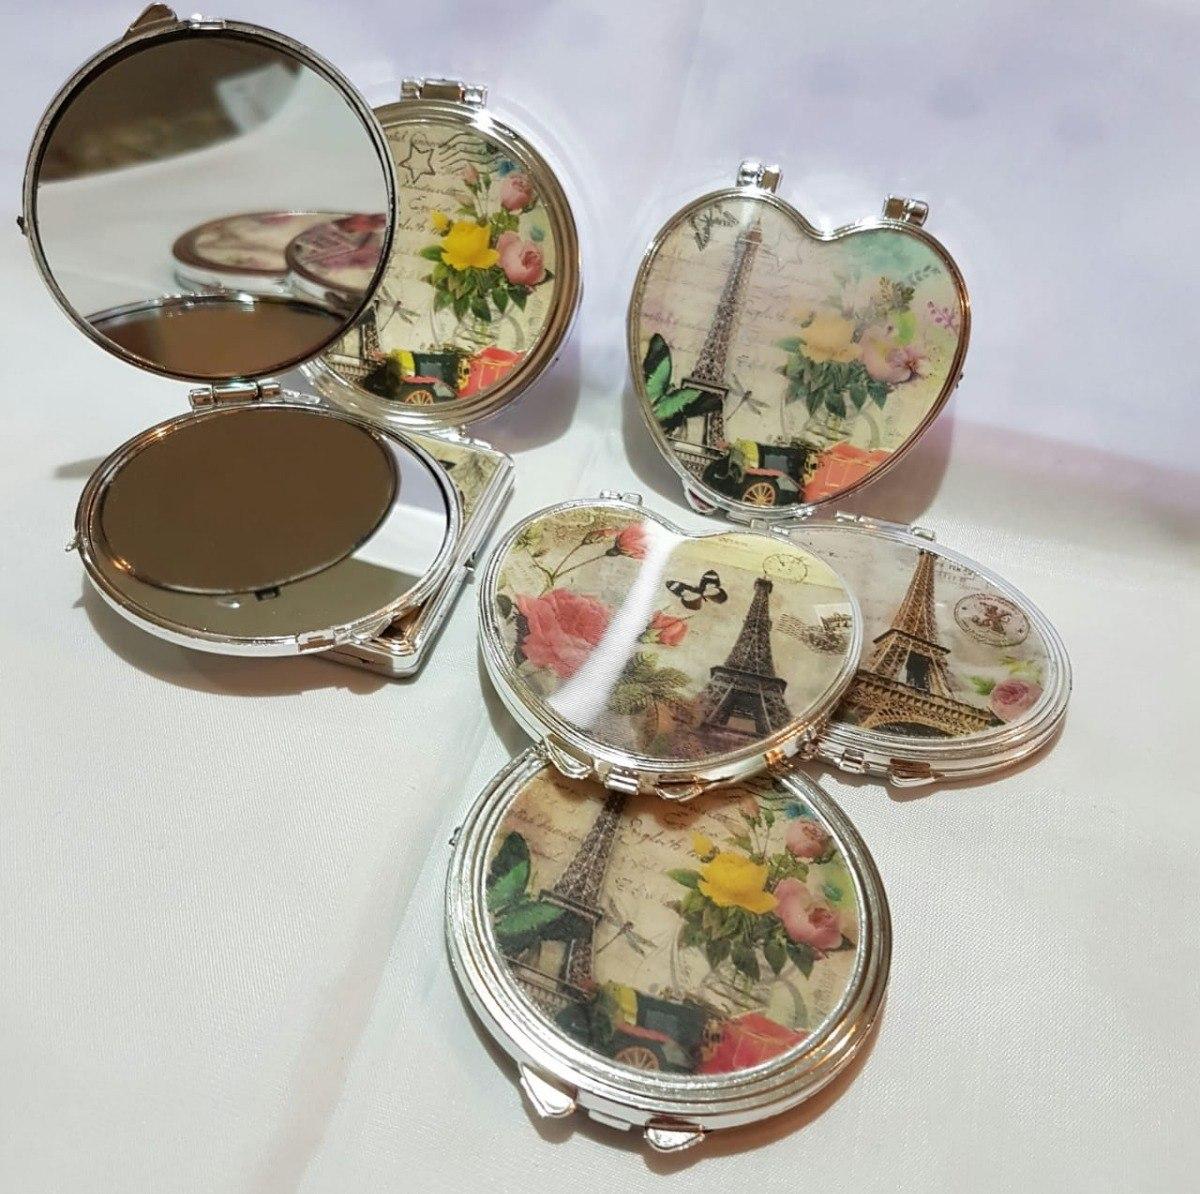 50 espejos de bolsillo tema par s recuerdos boda xv a os en mercado libre - Espejos de bolsillo ...